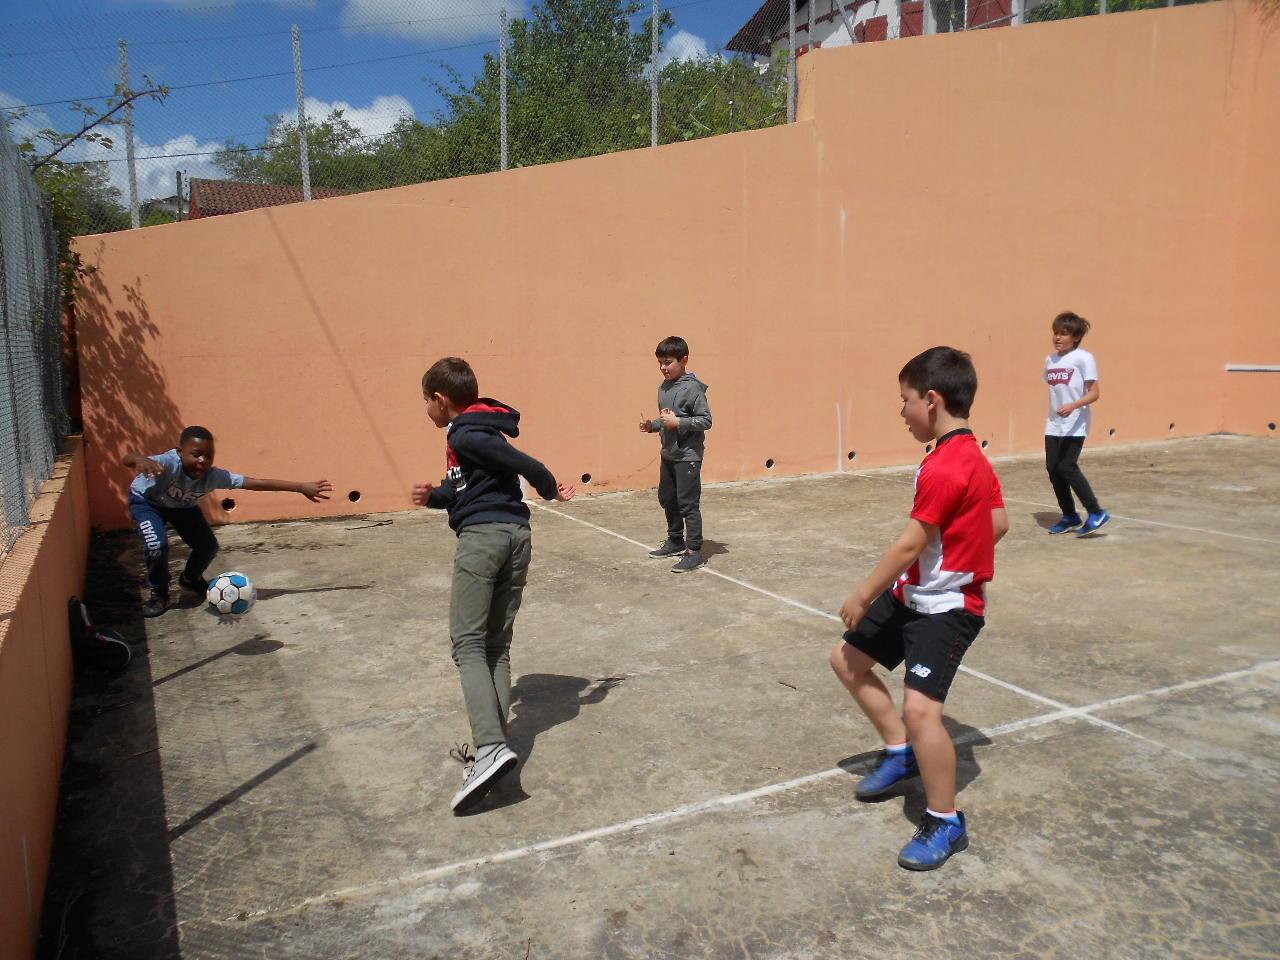 Incontournable foot pour les garçons